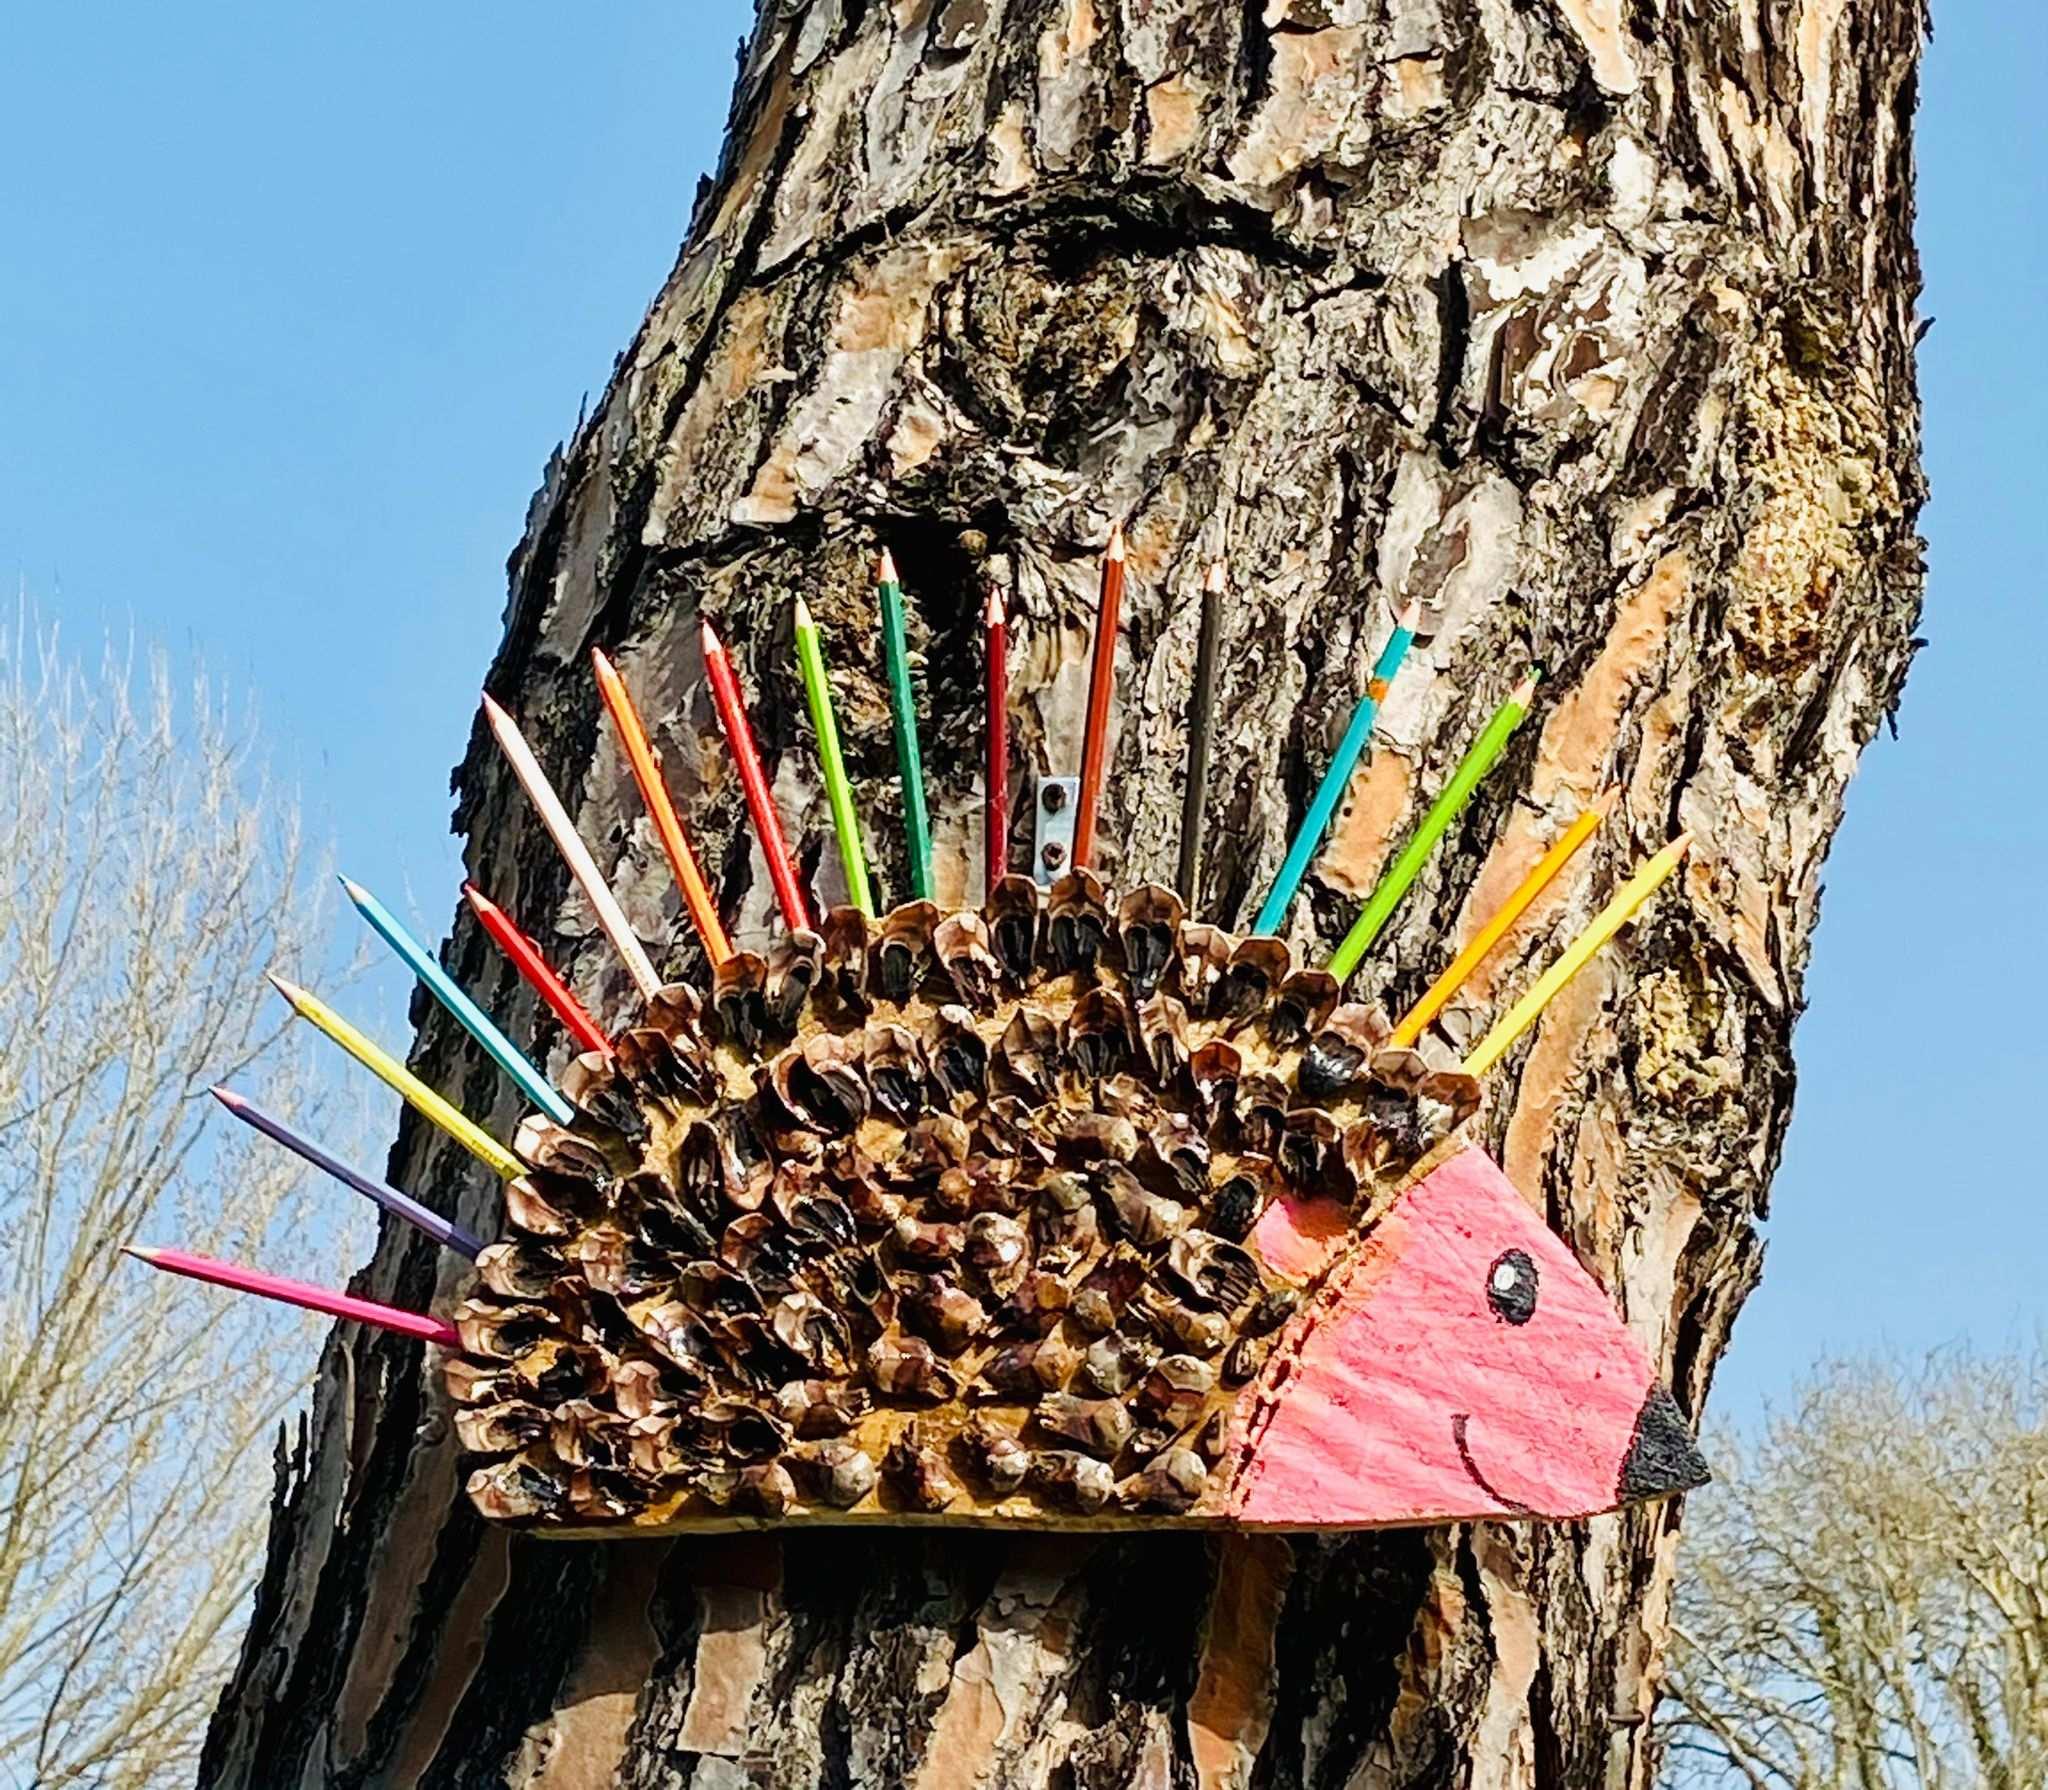 Opere d'arte con legno recuperato Fondazione Stella Maris